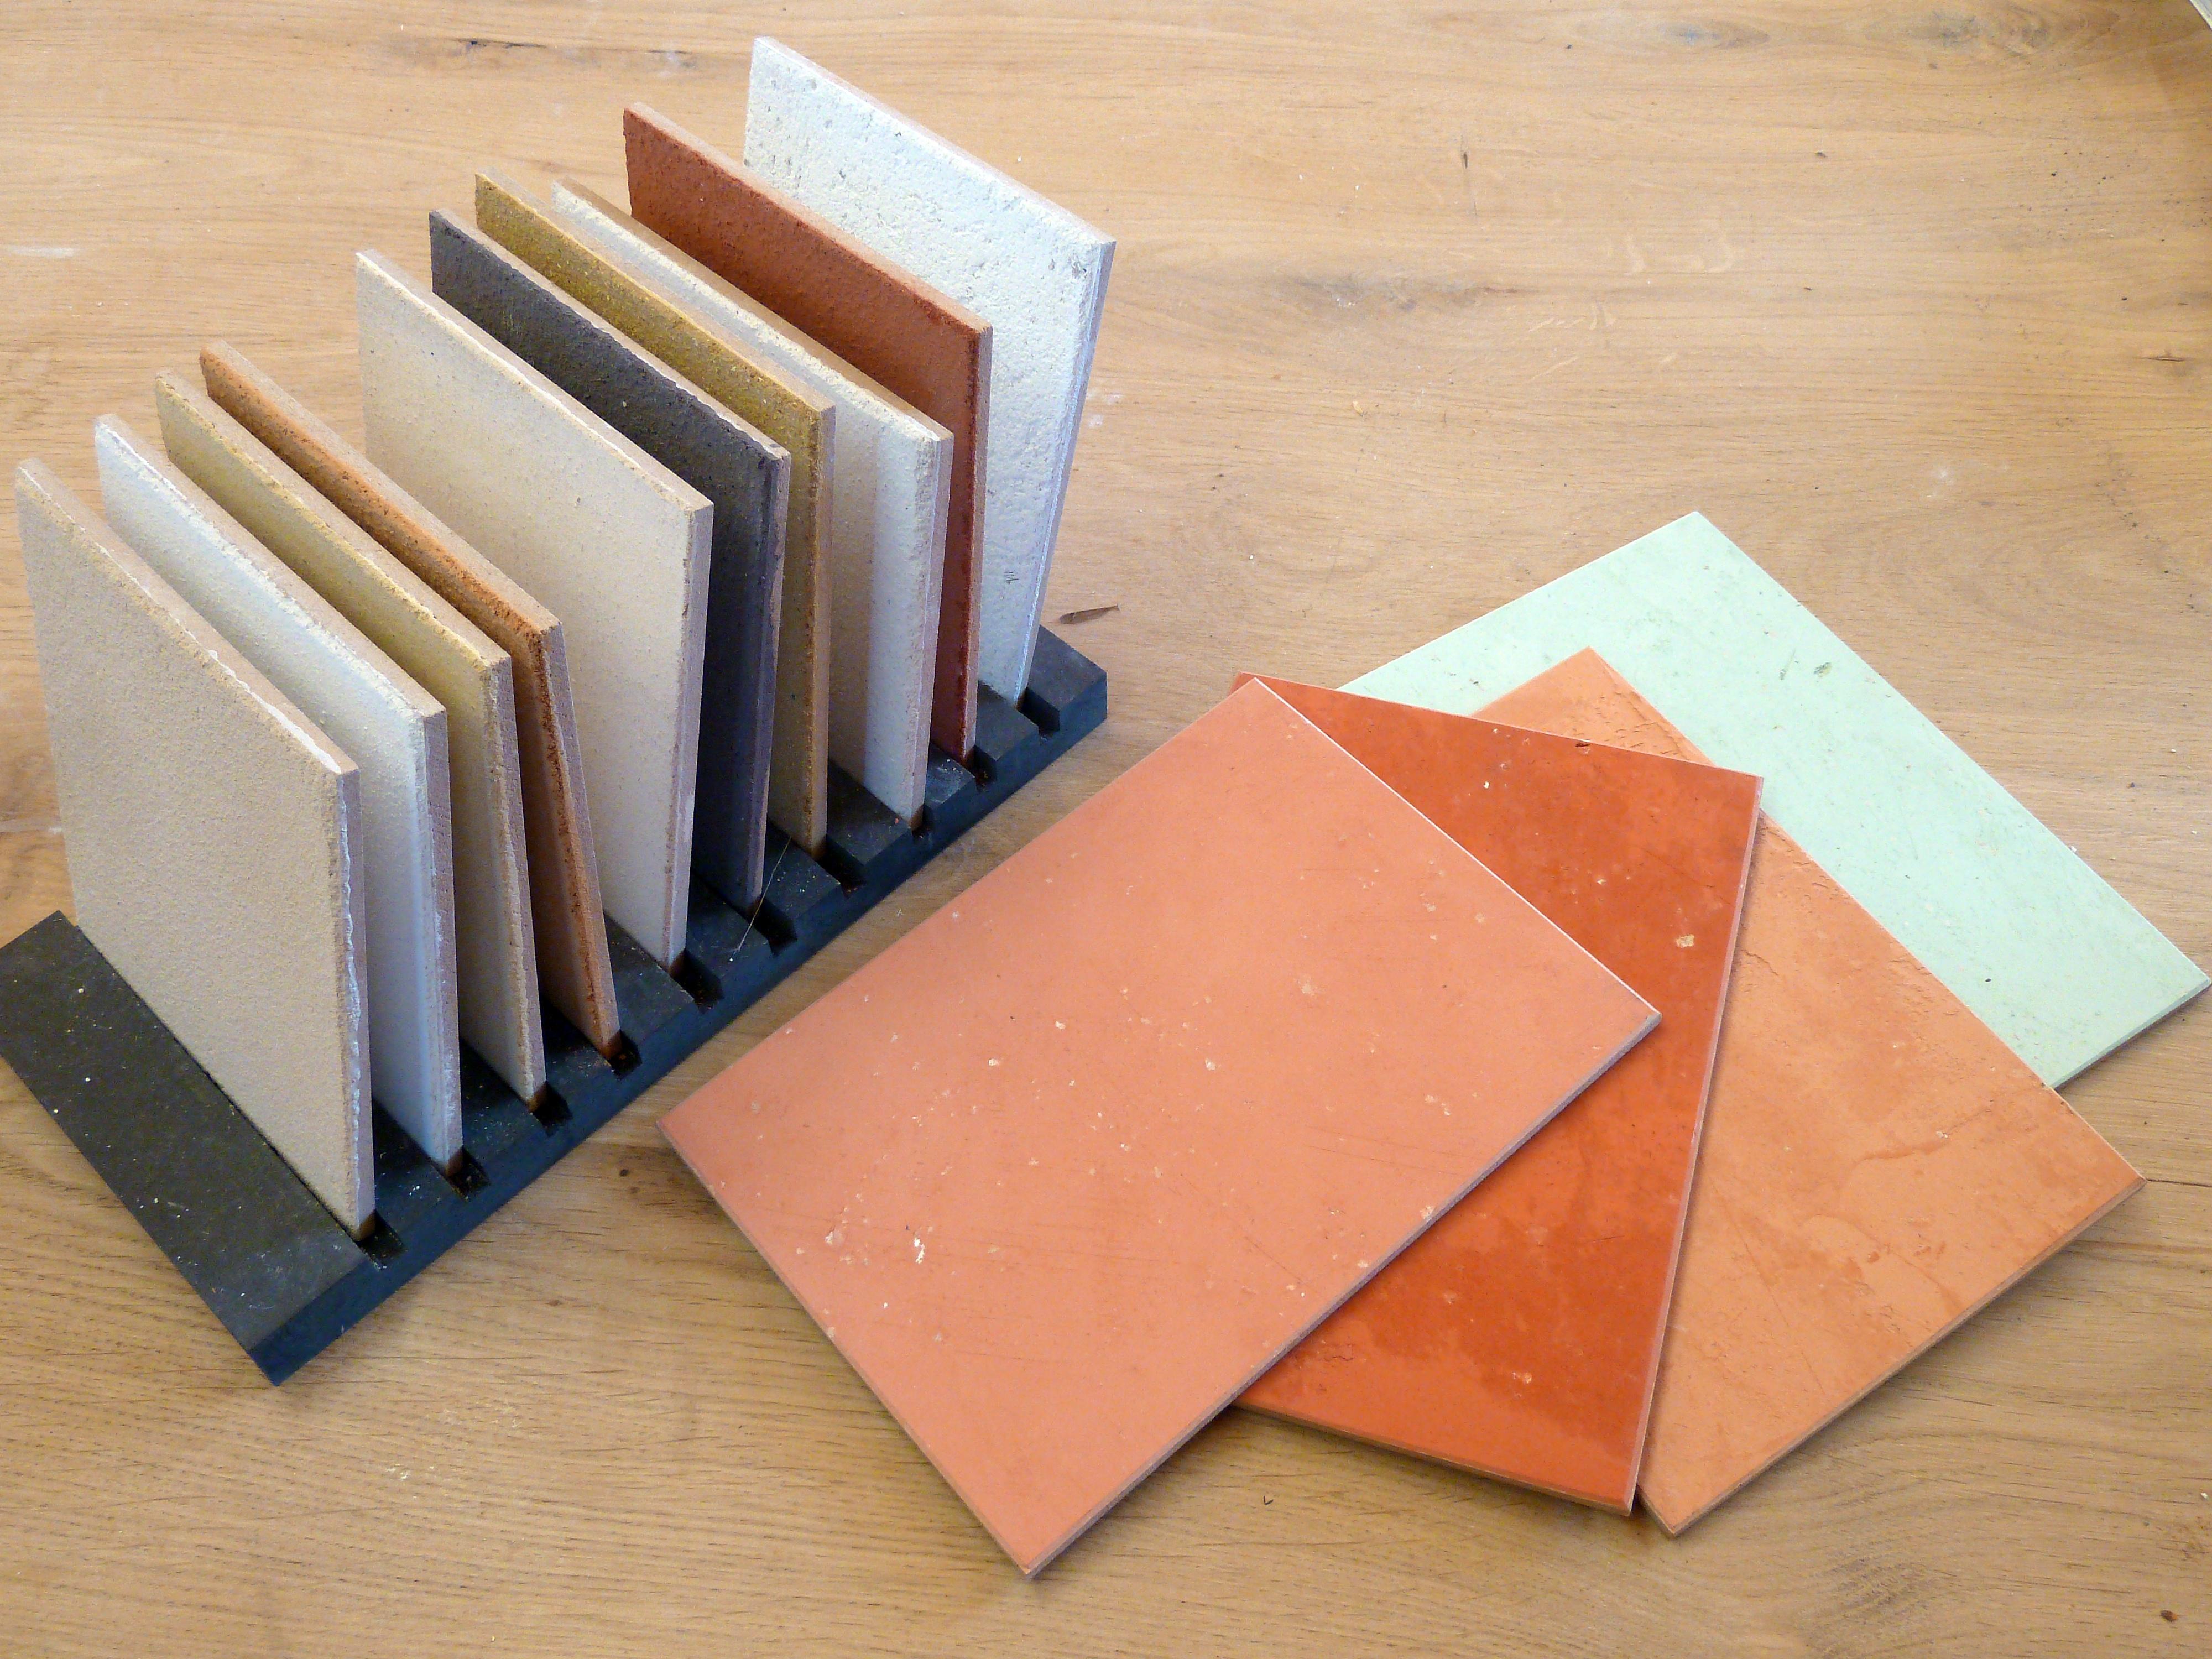 lehm naturbau ammerseenaturbau ammersee. Black Bedroom Furniture Sets. Home Design Ideas